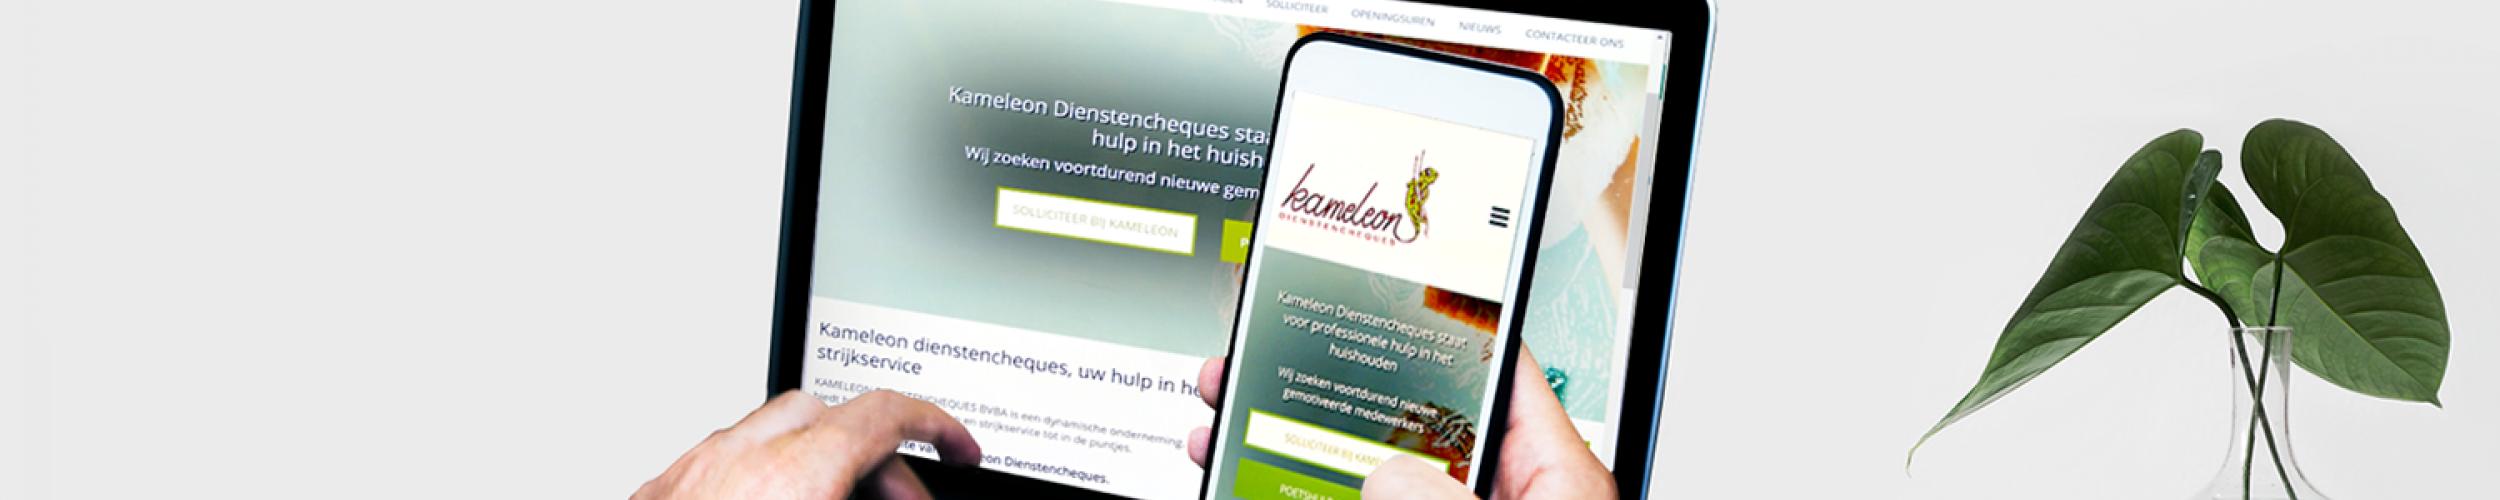 Makkelijke website, duidelijke website en snelle website voor ondernemingen die hulp in het huishouden of poetshulp aanbieden met dienstencheques